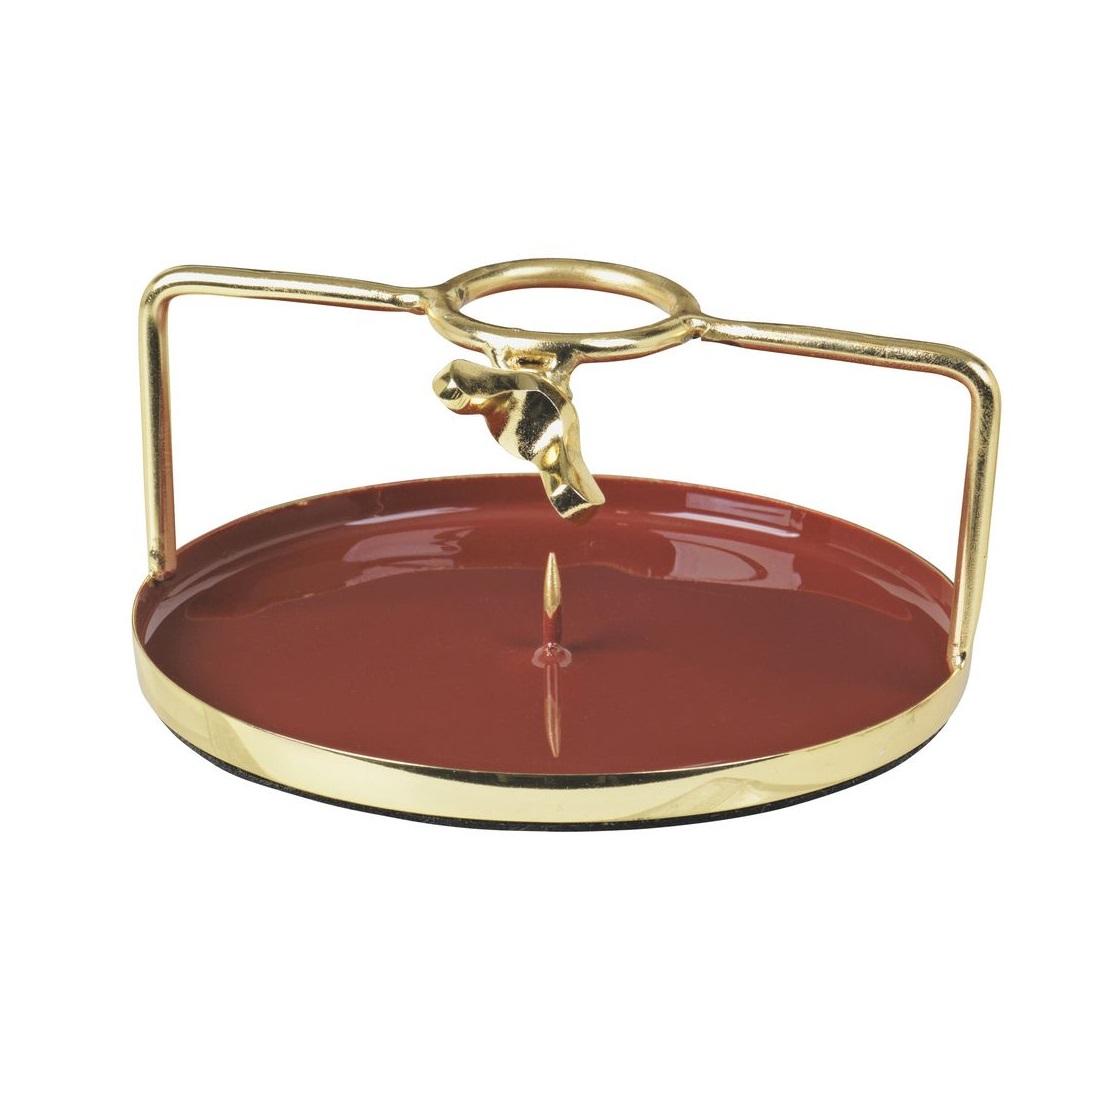 Подсвечник SoffiПодсвечники<br>Broste Copenhagen – компания, основанная в 1955 году, занимает лидирующие позиции среди скандинавских брендов товаров для дома. Посуда Broste представлена в ресторанах, входящих в один из самых авторитетных рейтингов «Красный гид», созданный Андре Мишленом. Многие товары выполнены вручную, что придаёт им особенную неповторимость и качество. Традиционный скандинавский дизайн и современные тенденции производства – вот сочетание, заложенное в основу успешности этого старинного датского бренда.<br><br>Material: Сталь<br>Length см: None<br>Width см: None<br>Height см: 3<br>Diameter см: 10